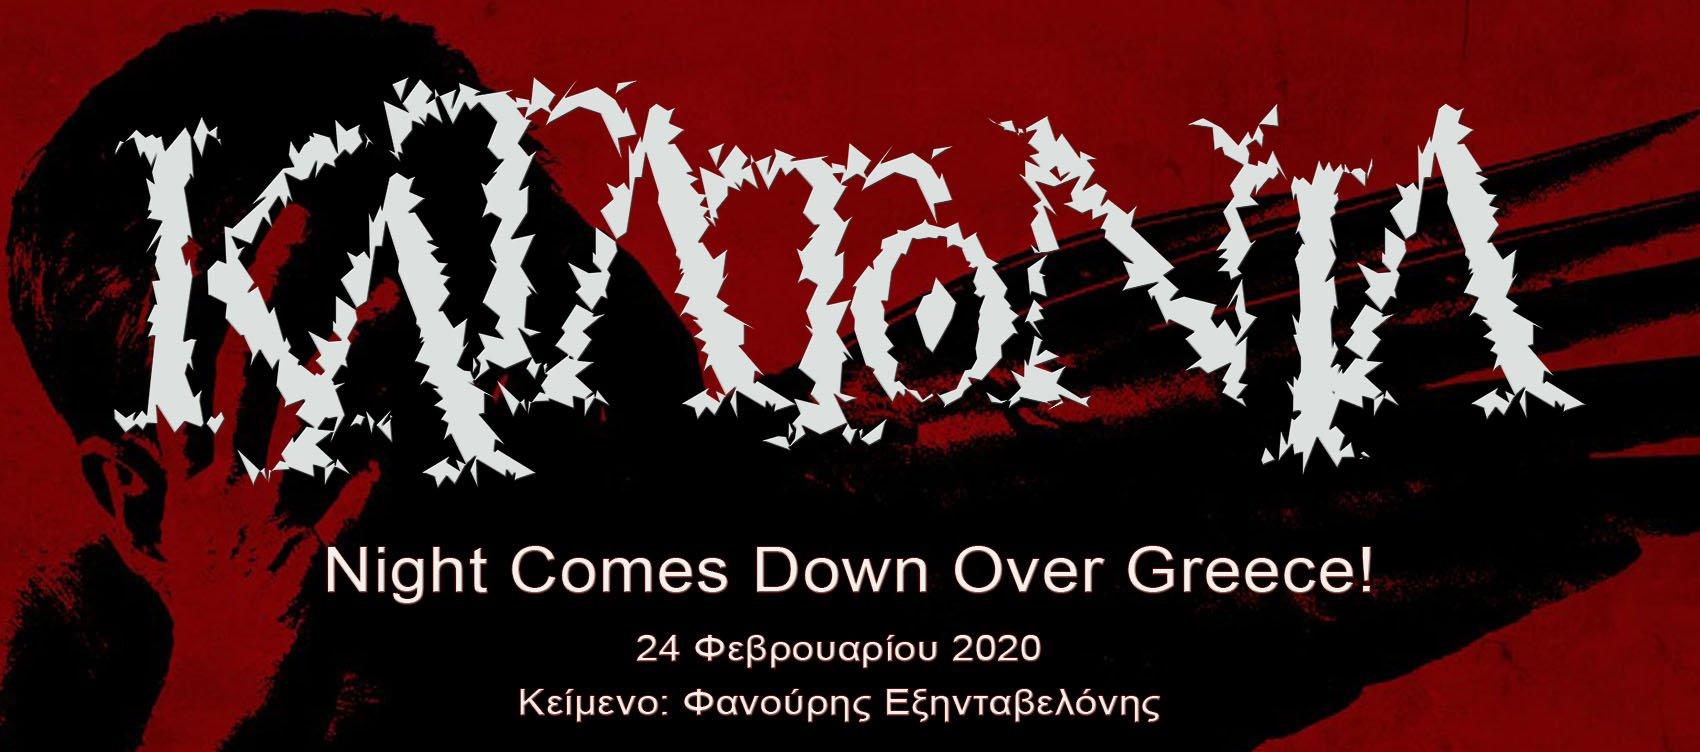 ΚΑΤΑΤΟΝΙΑ – Night Comes Down Over Greece!